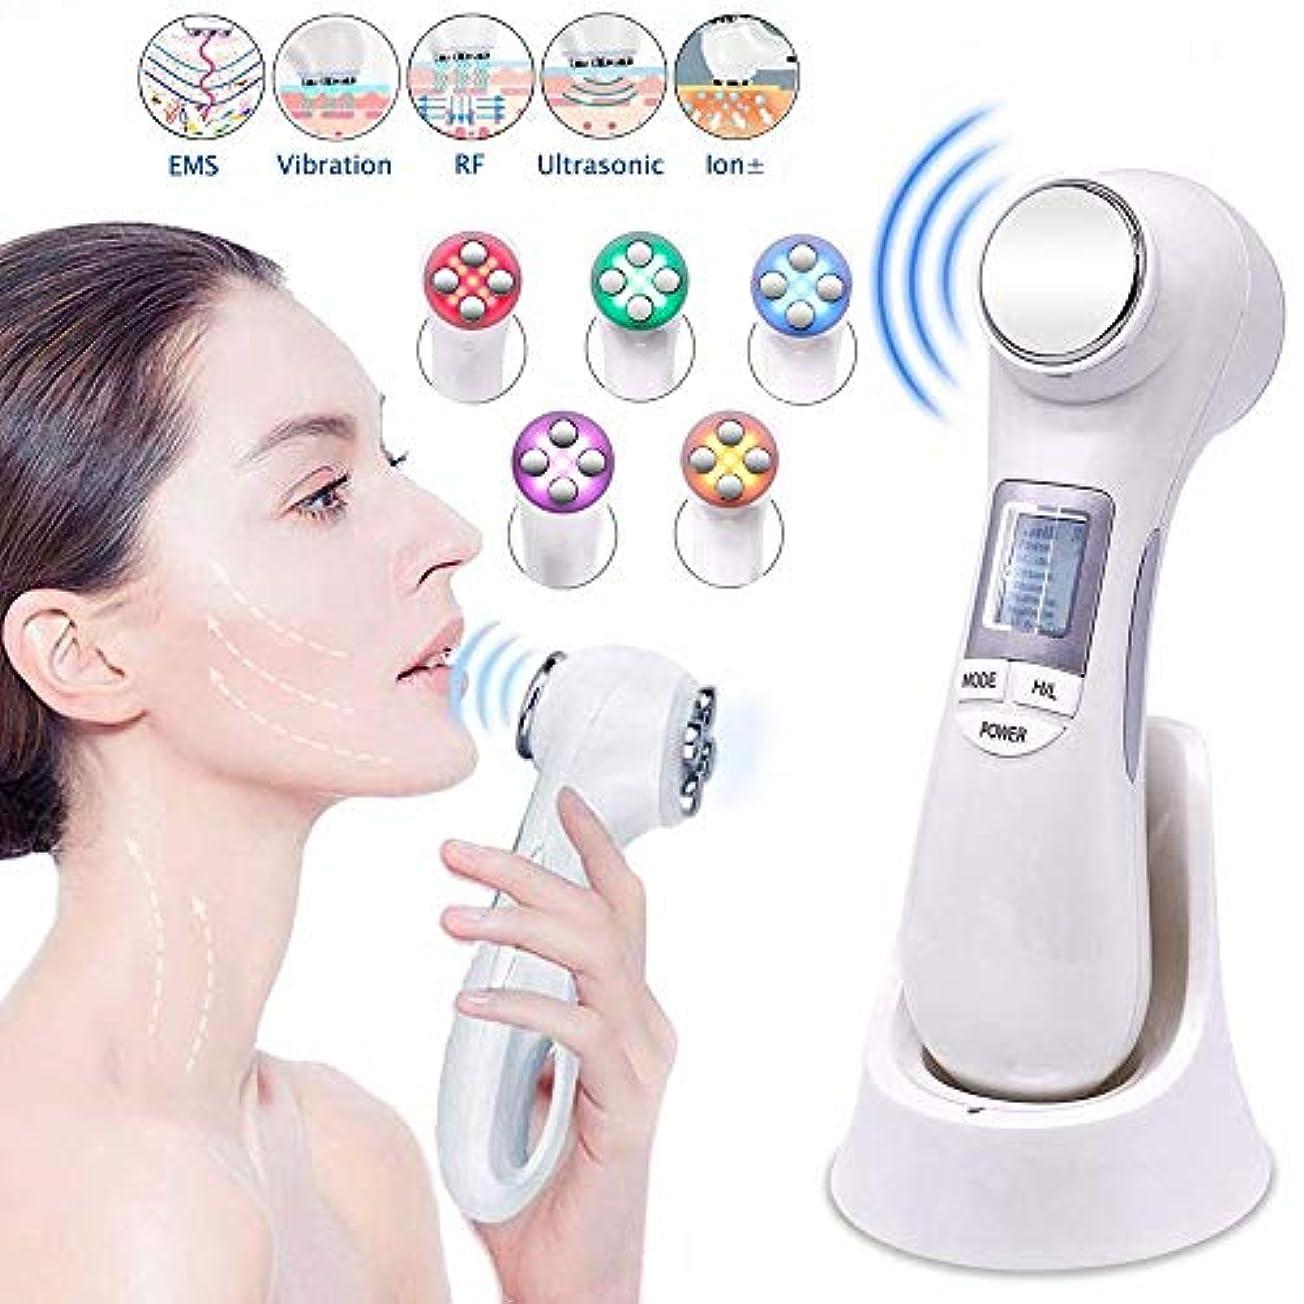 エッセイ上昇まだスキンケアのための5つの色LEDライト療法が付いている1つの高い出現の顔の持ち上がる機械EMS RFメッセージに付き機械6つをきつく締めること